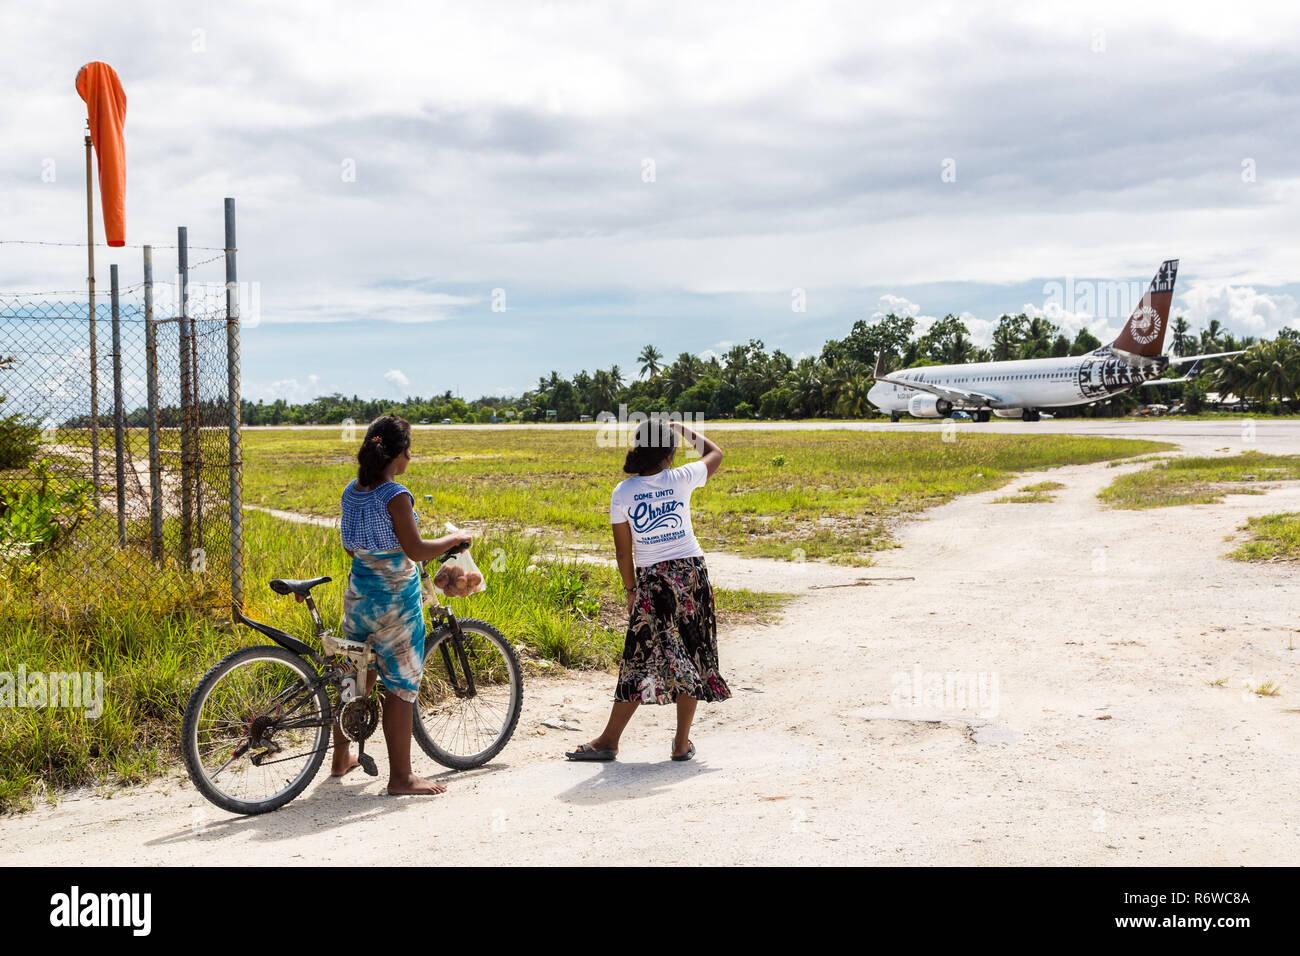 Bonriki airport runway, departing Fiji Airways Boeing 737. Local teenage girls with a bicycle looking at a departing airplane, Tarawa atoll, Kiribati. - Stock Image